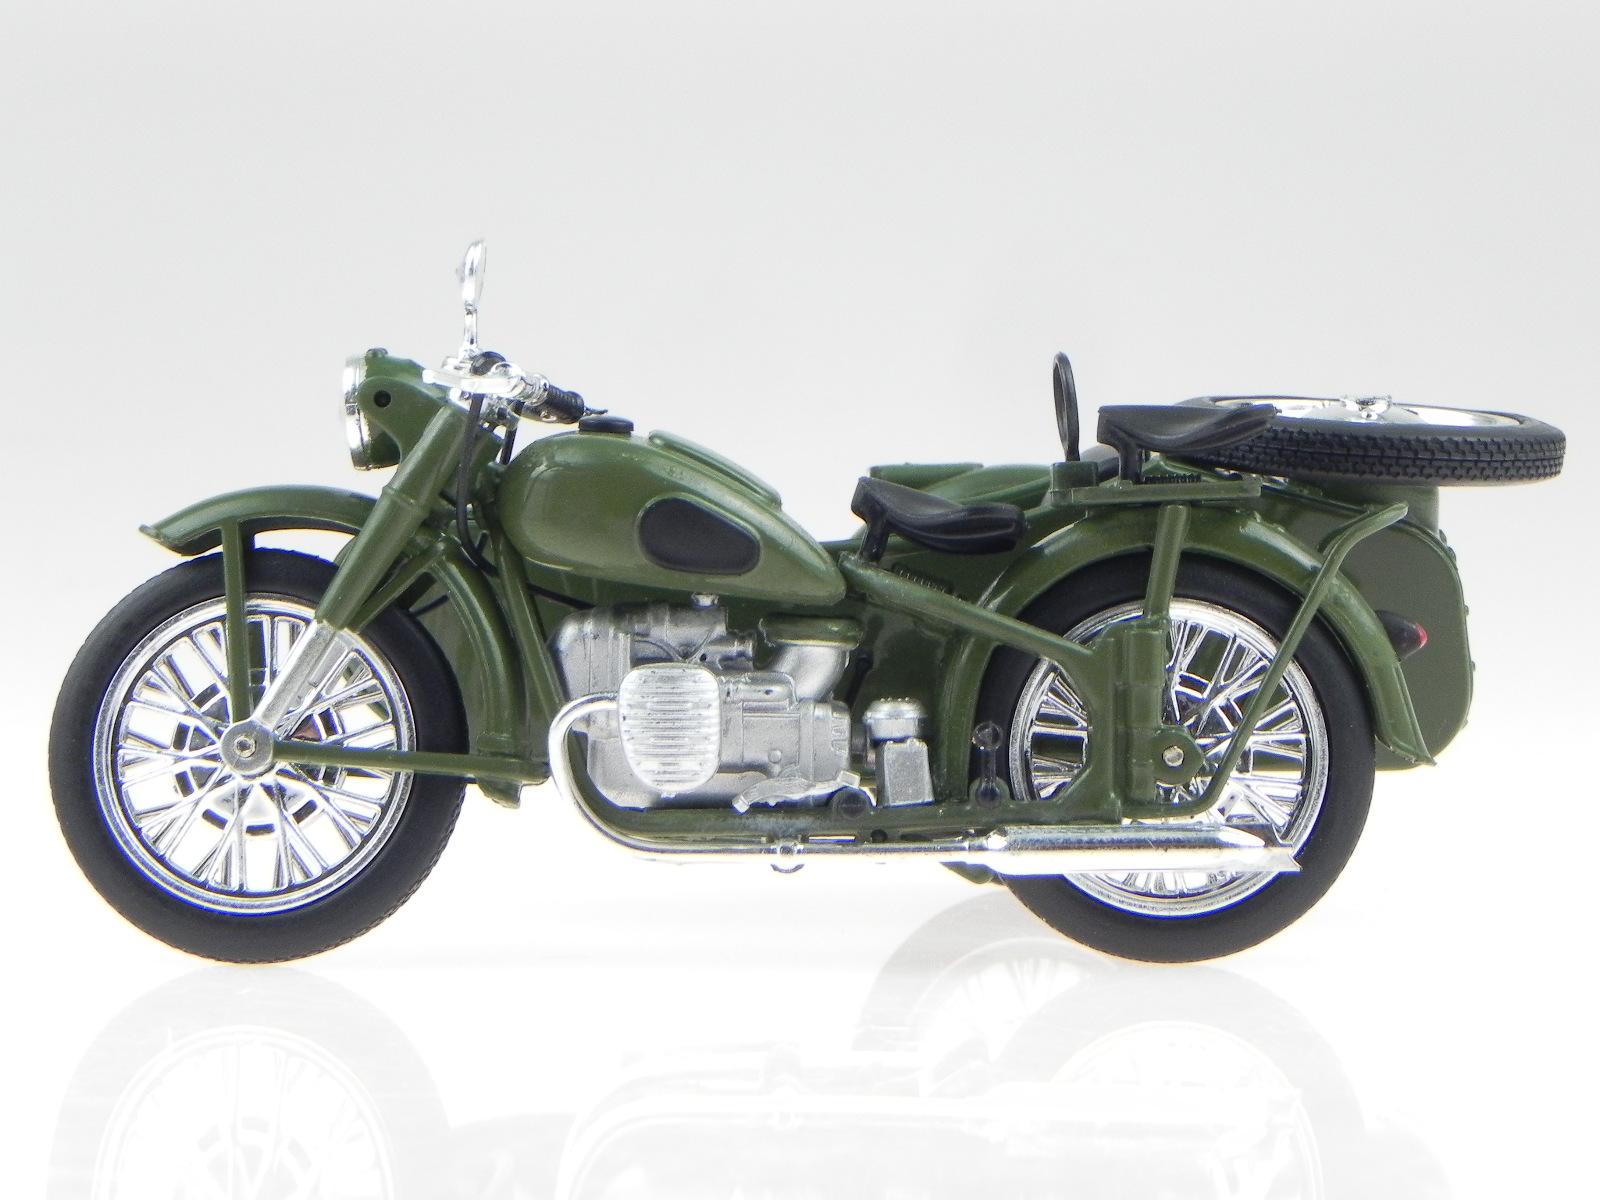 imz m72 ural sidecar ddr ostalgie bike modell atlas 1 24 4058124204770 ebay. Black Bedroom Furniture Sets. Home Design Ideas